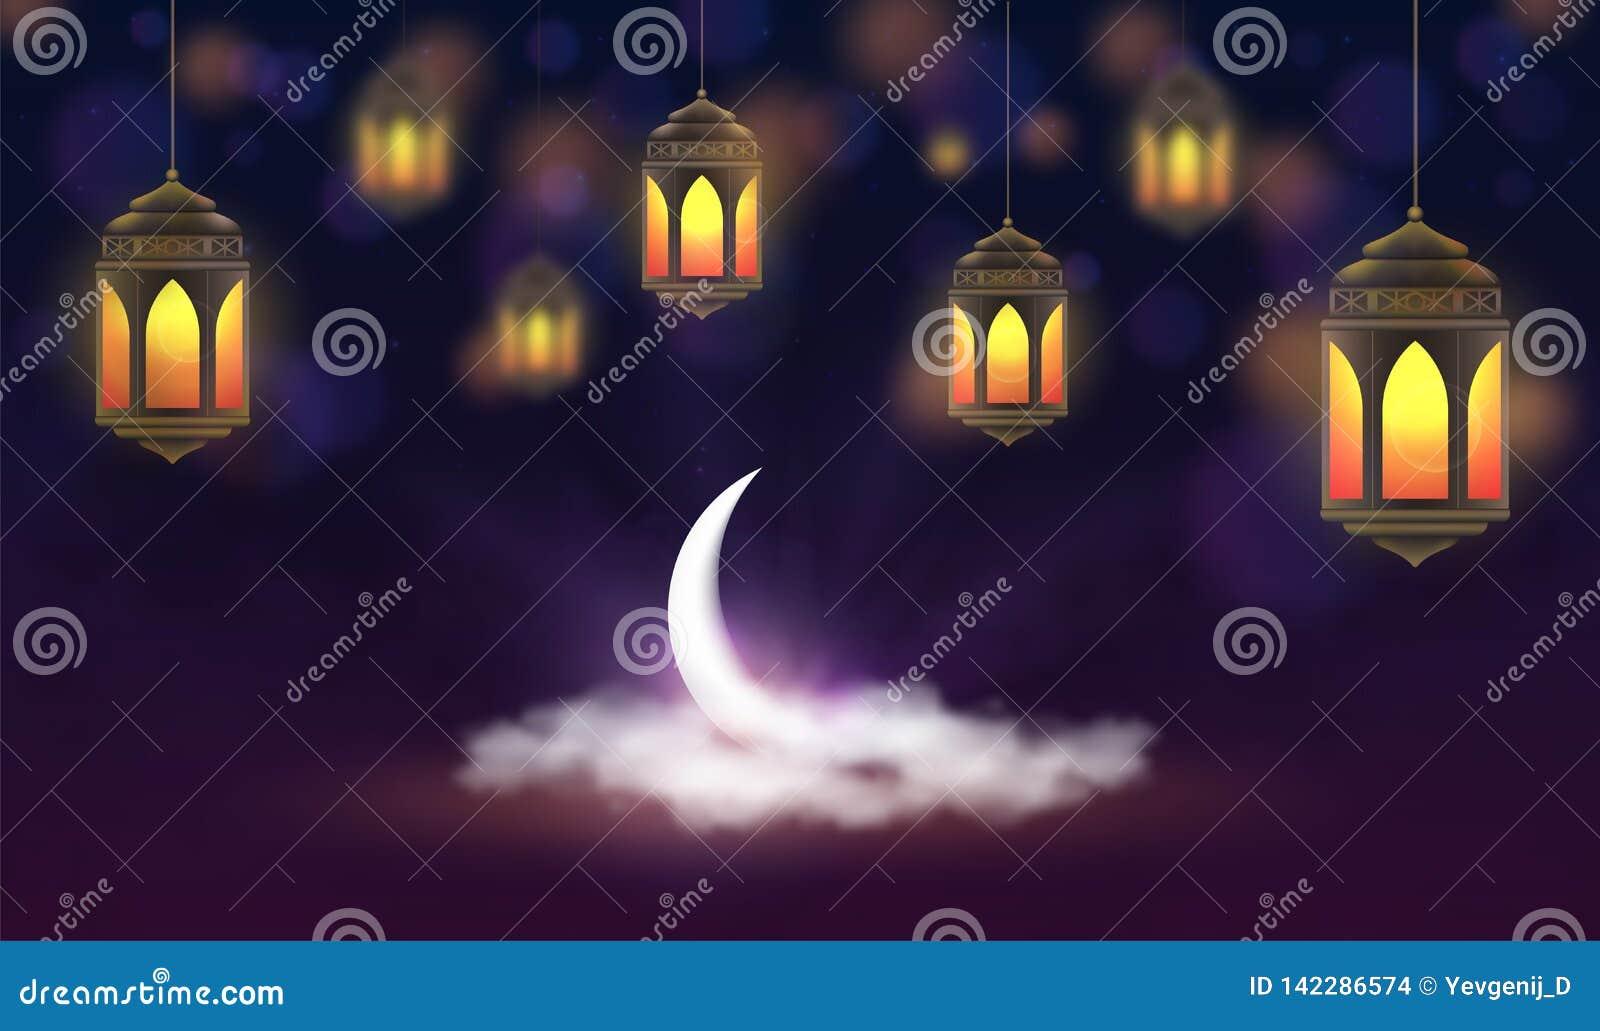 Ramadan Kareem tło Wiszący lampiony i półksiężyc w chmurach Muzułmańska uczta święty miesiąc